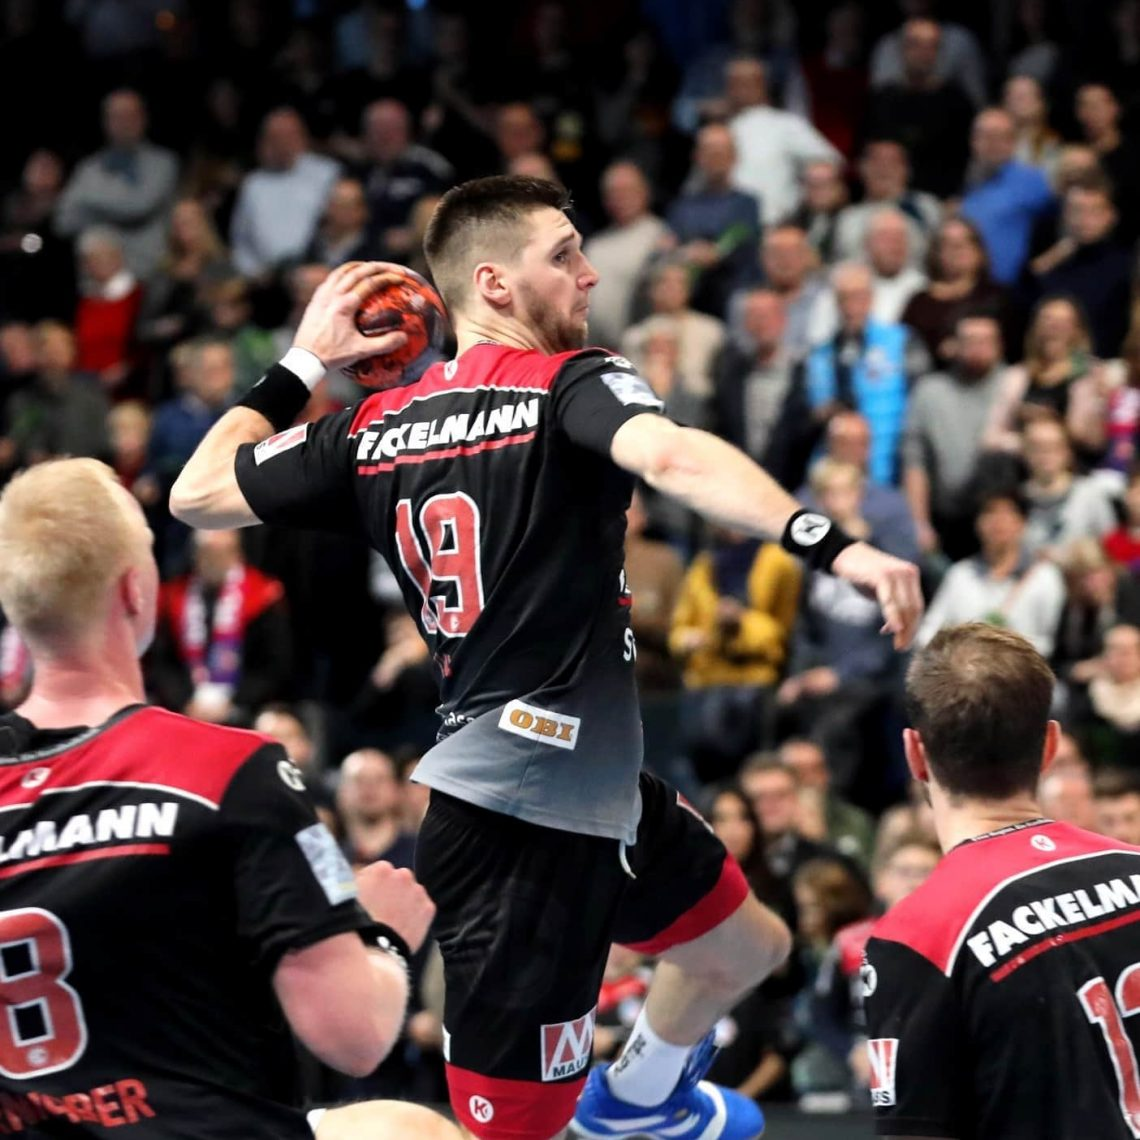 Blizz Leserreporter: HC Erlangen siegt erstmals in Minden Handball-Bundesliga: HC Erlangen feiert damit seinen zweiten Sieg in Serie